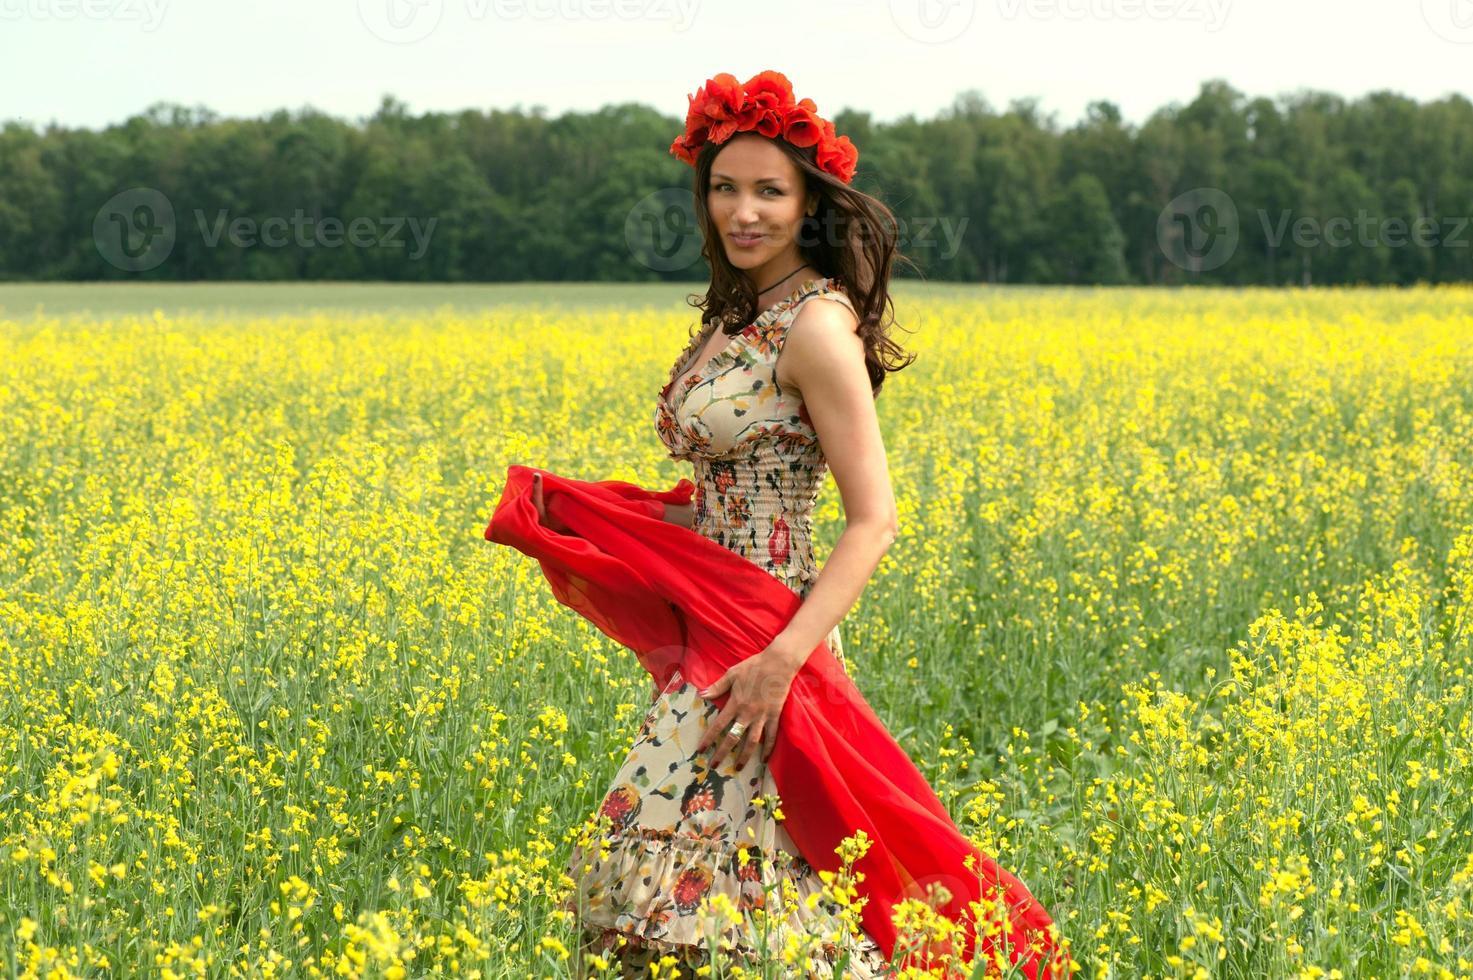 jovem morena usando coroa de flores no campo de verão foto